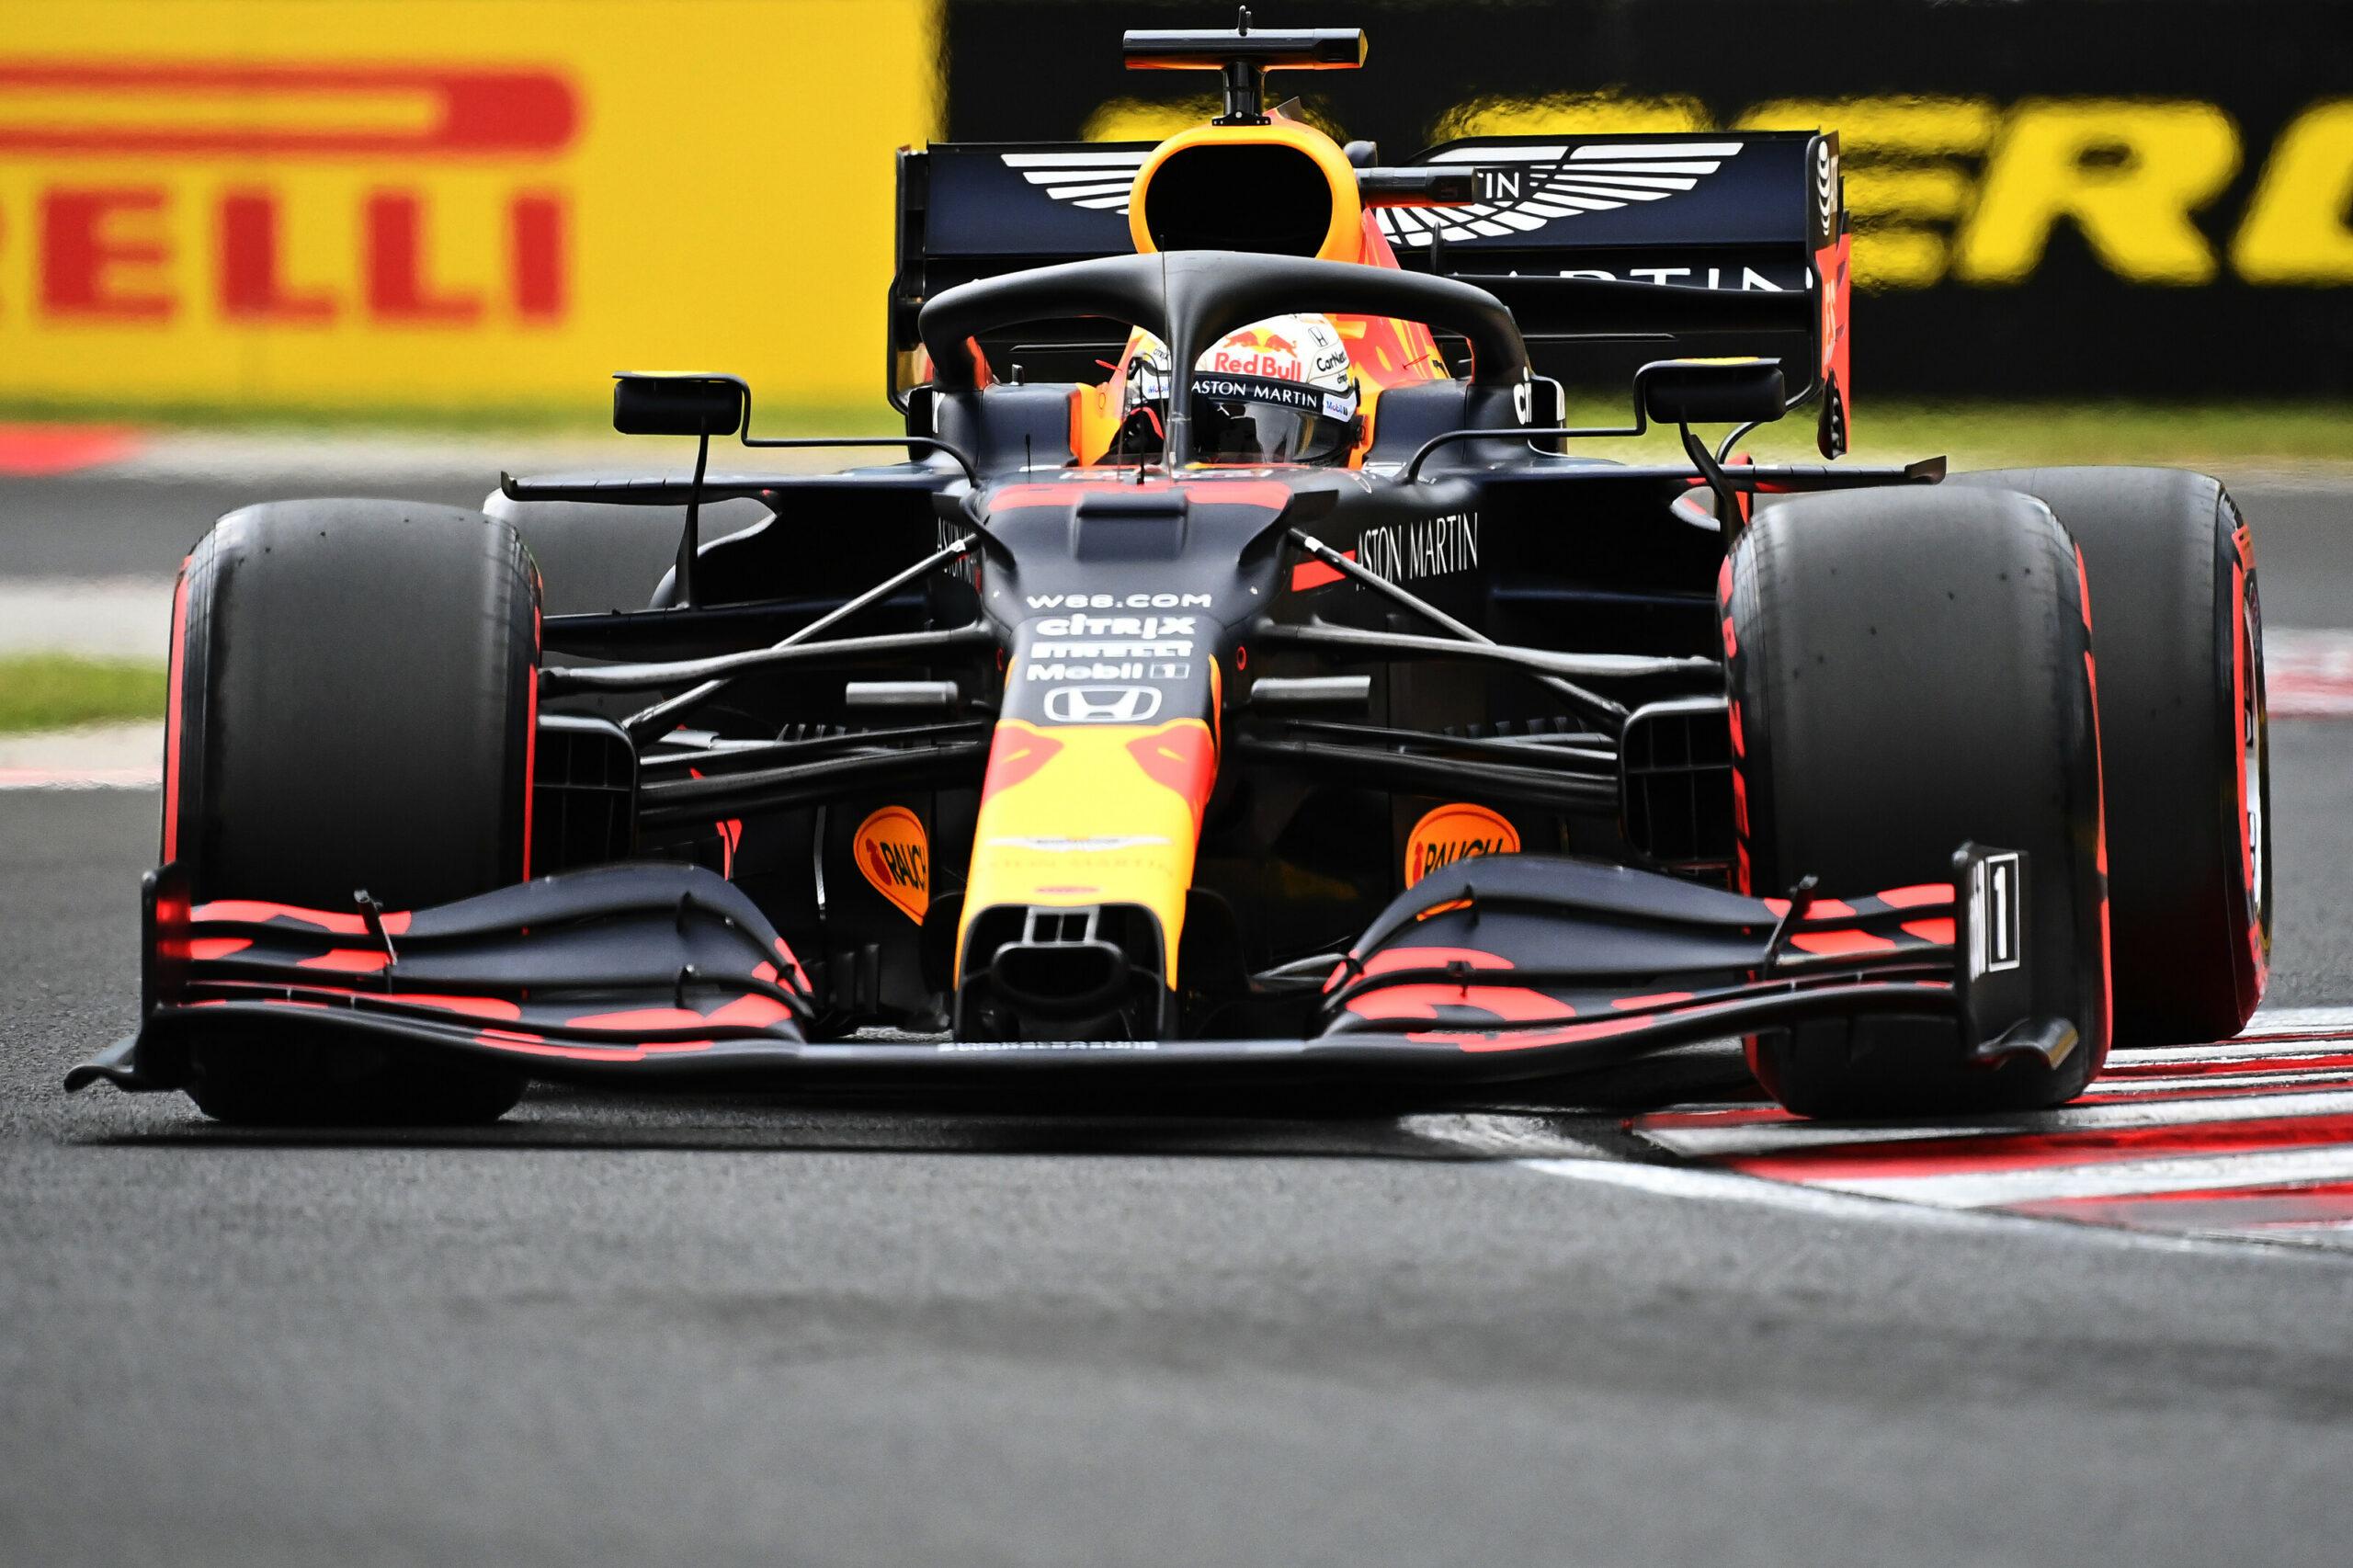 F1 - Le refroidissement des moteurs sera crucial à Budapest